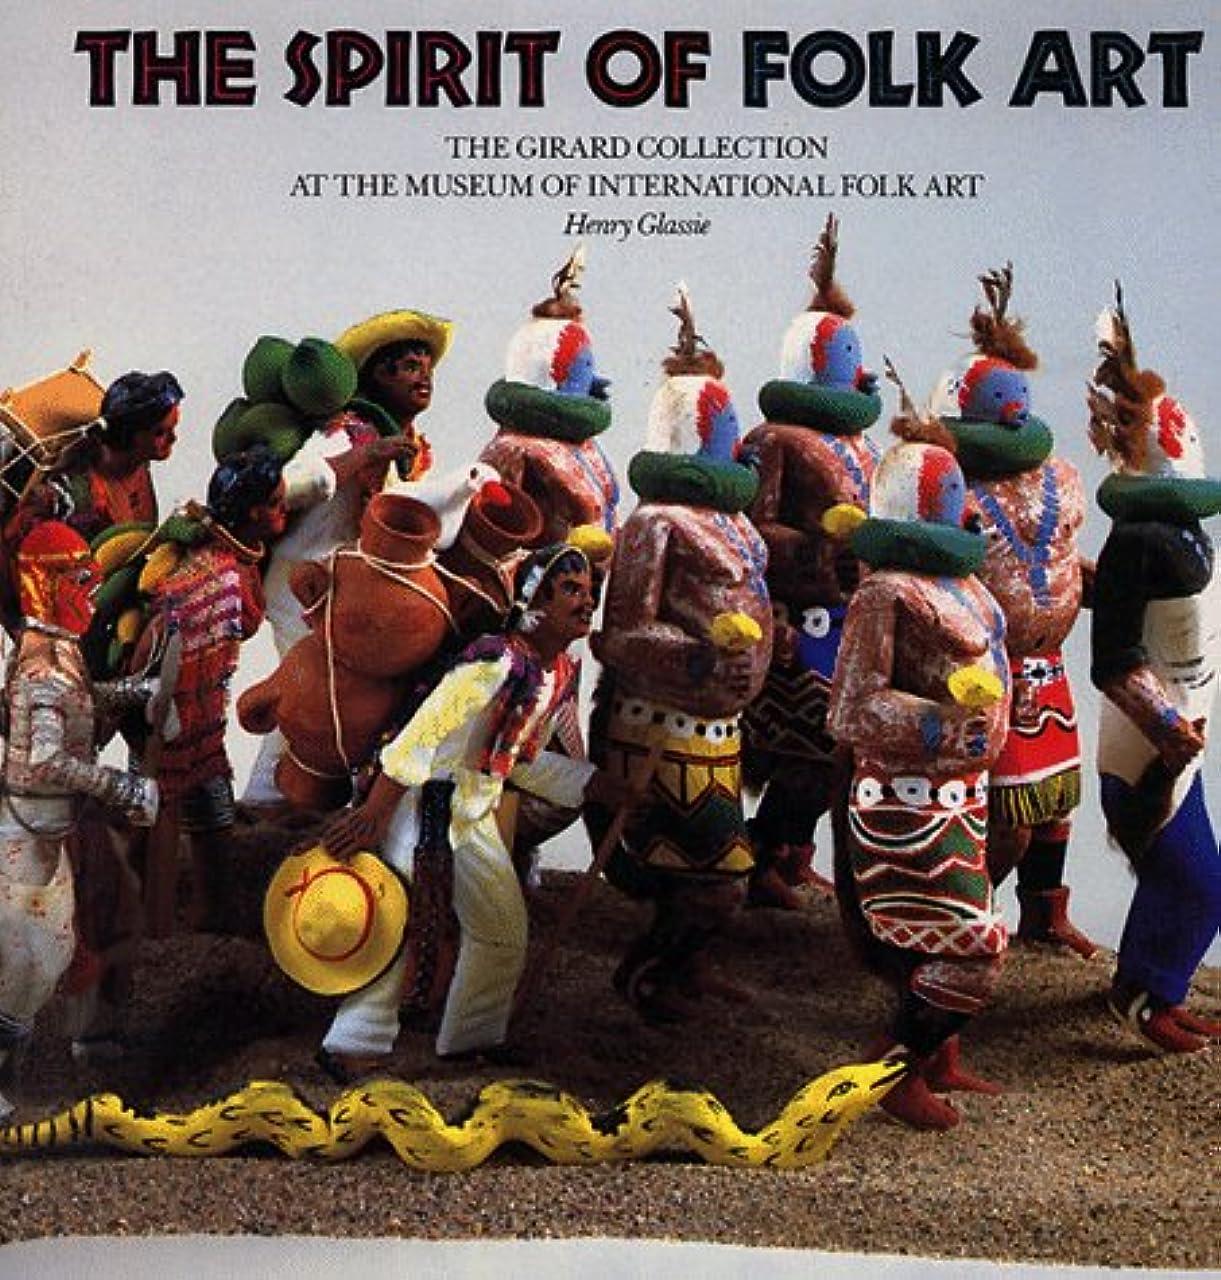 シールドリッチ惑星Spirit of Folk Art